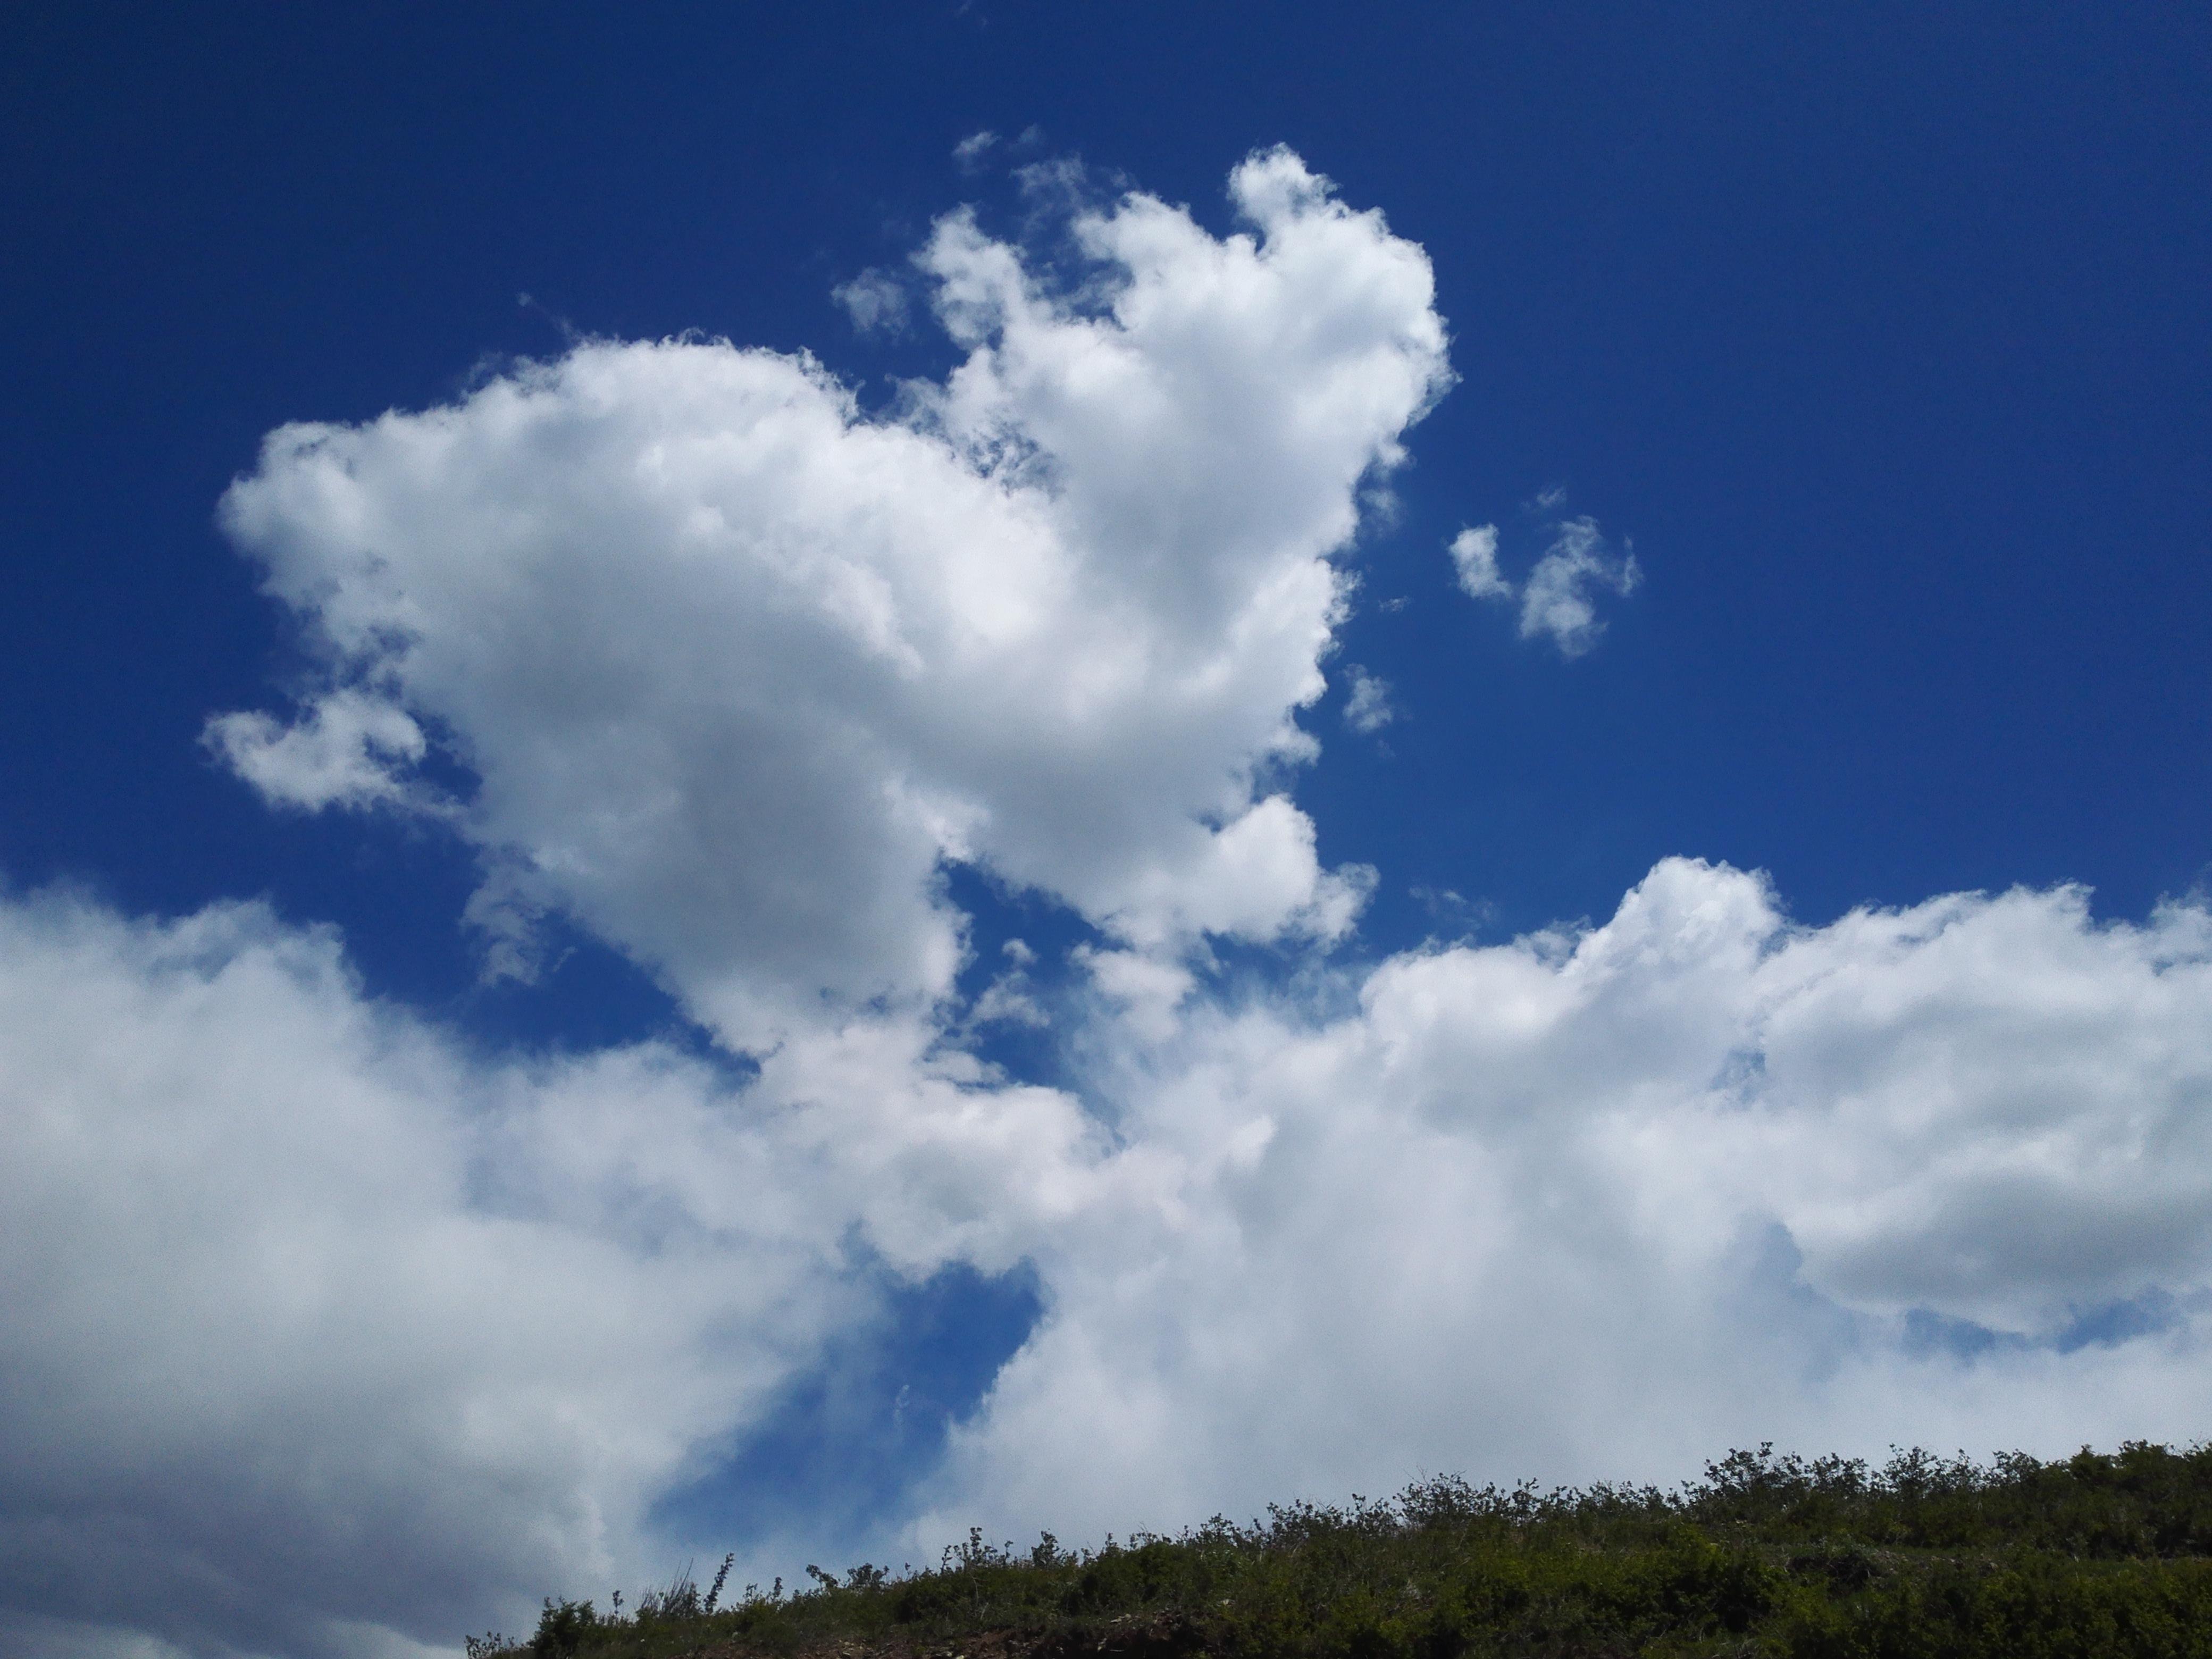 这白云挺好看的